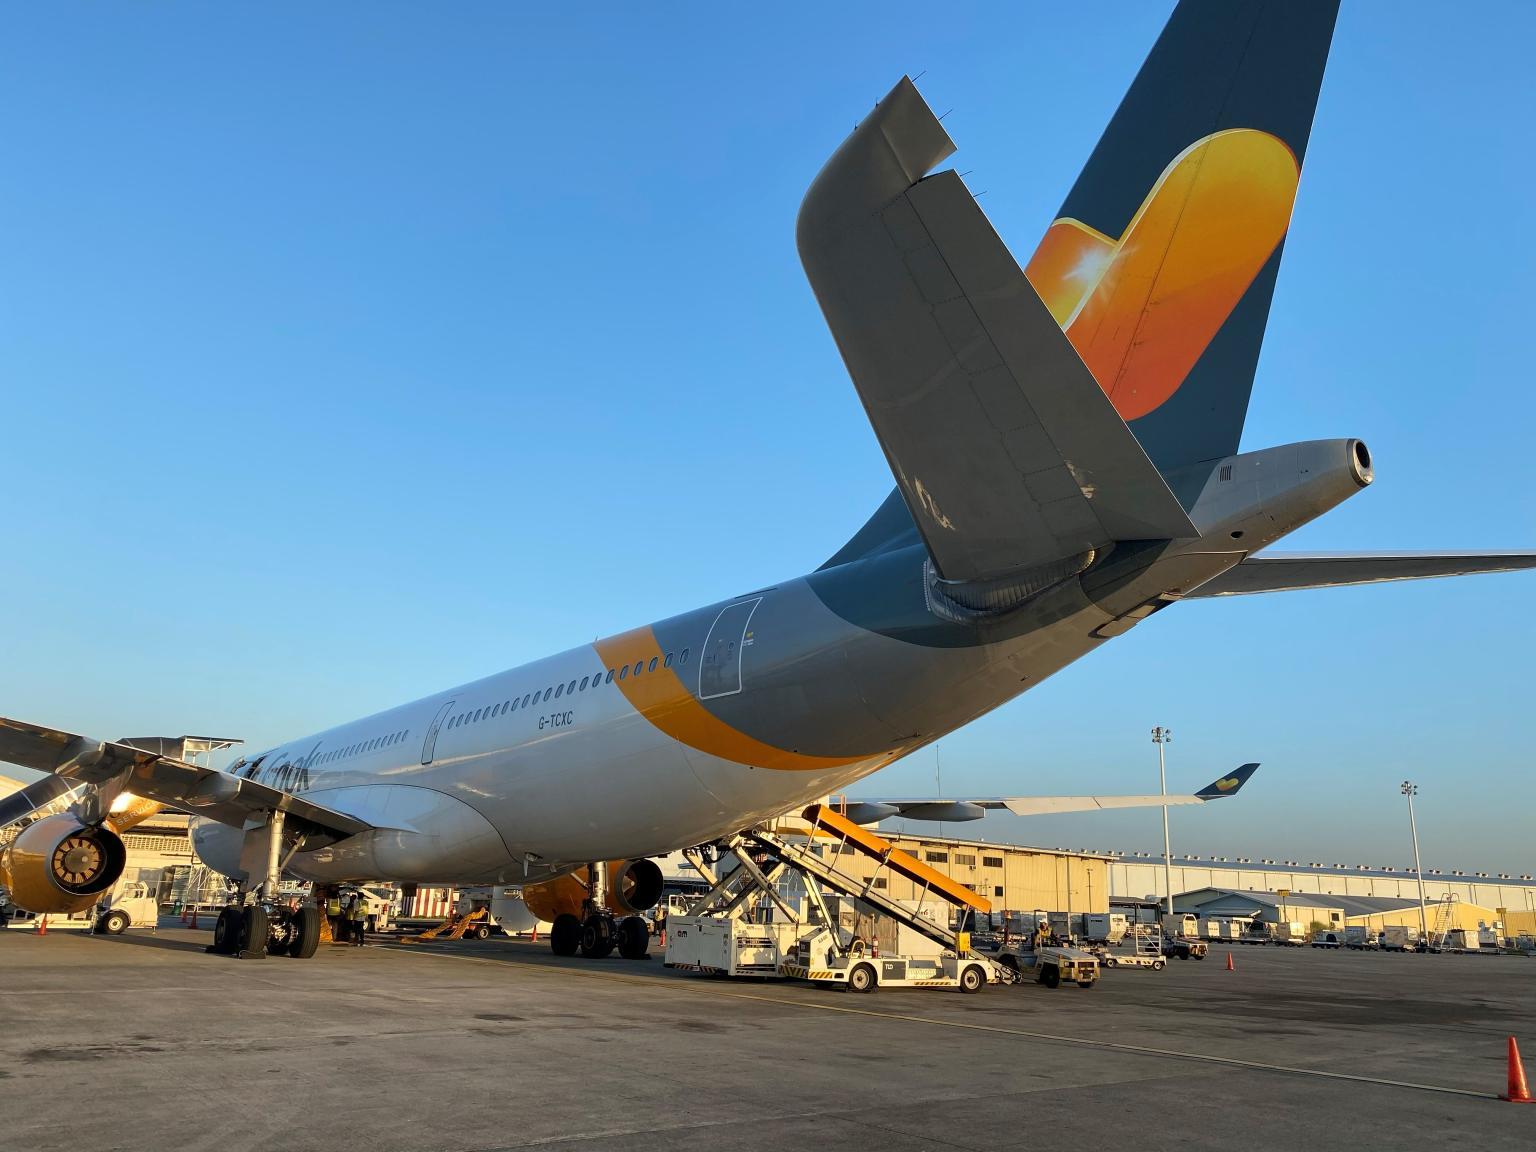 En Airbus A330-200 hentede danskere hjem fra Filippinerne. (Foto: Sunclass Airlines)